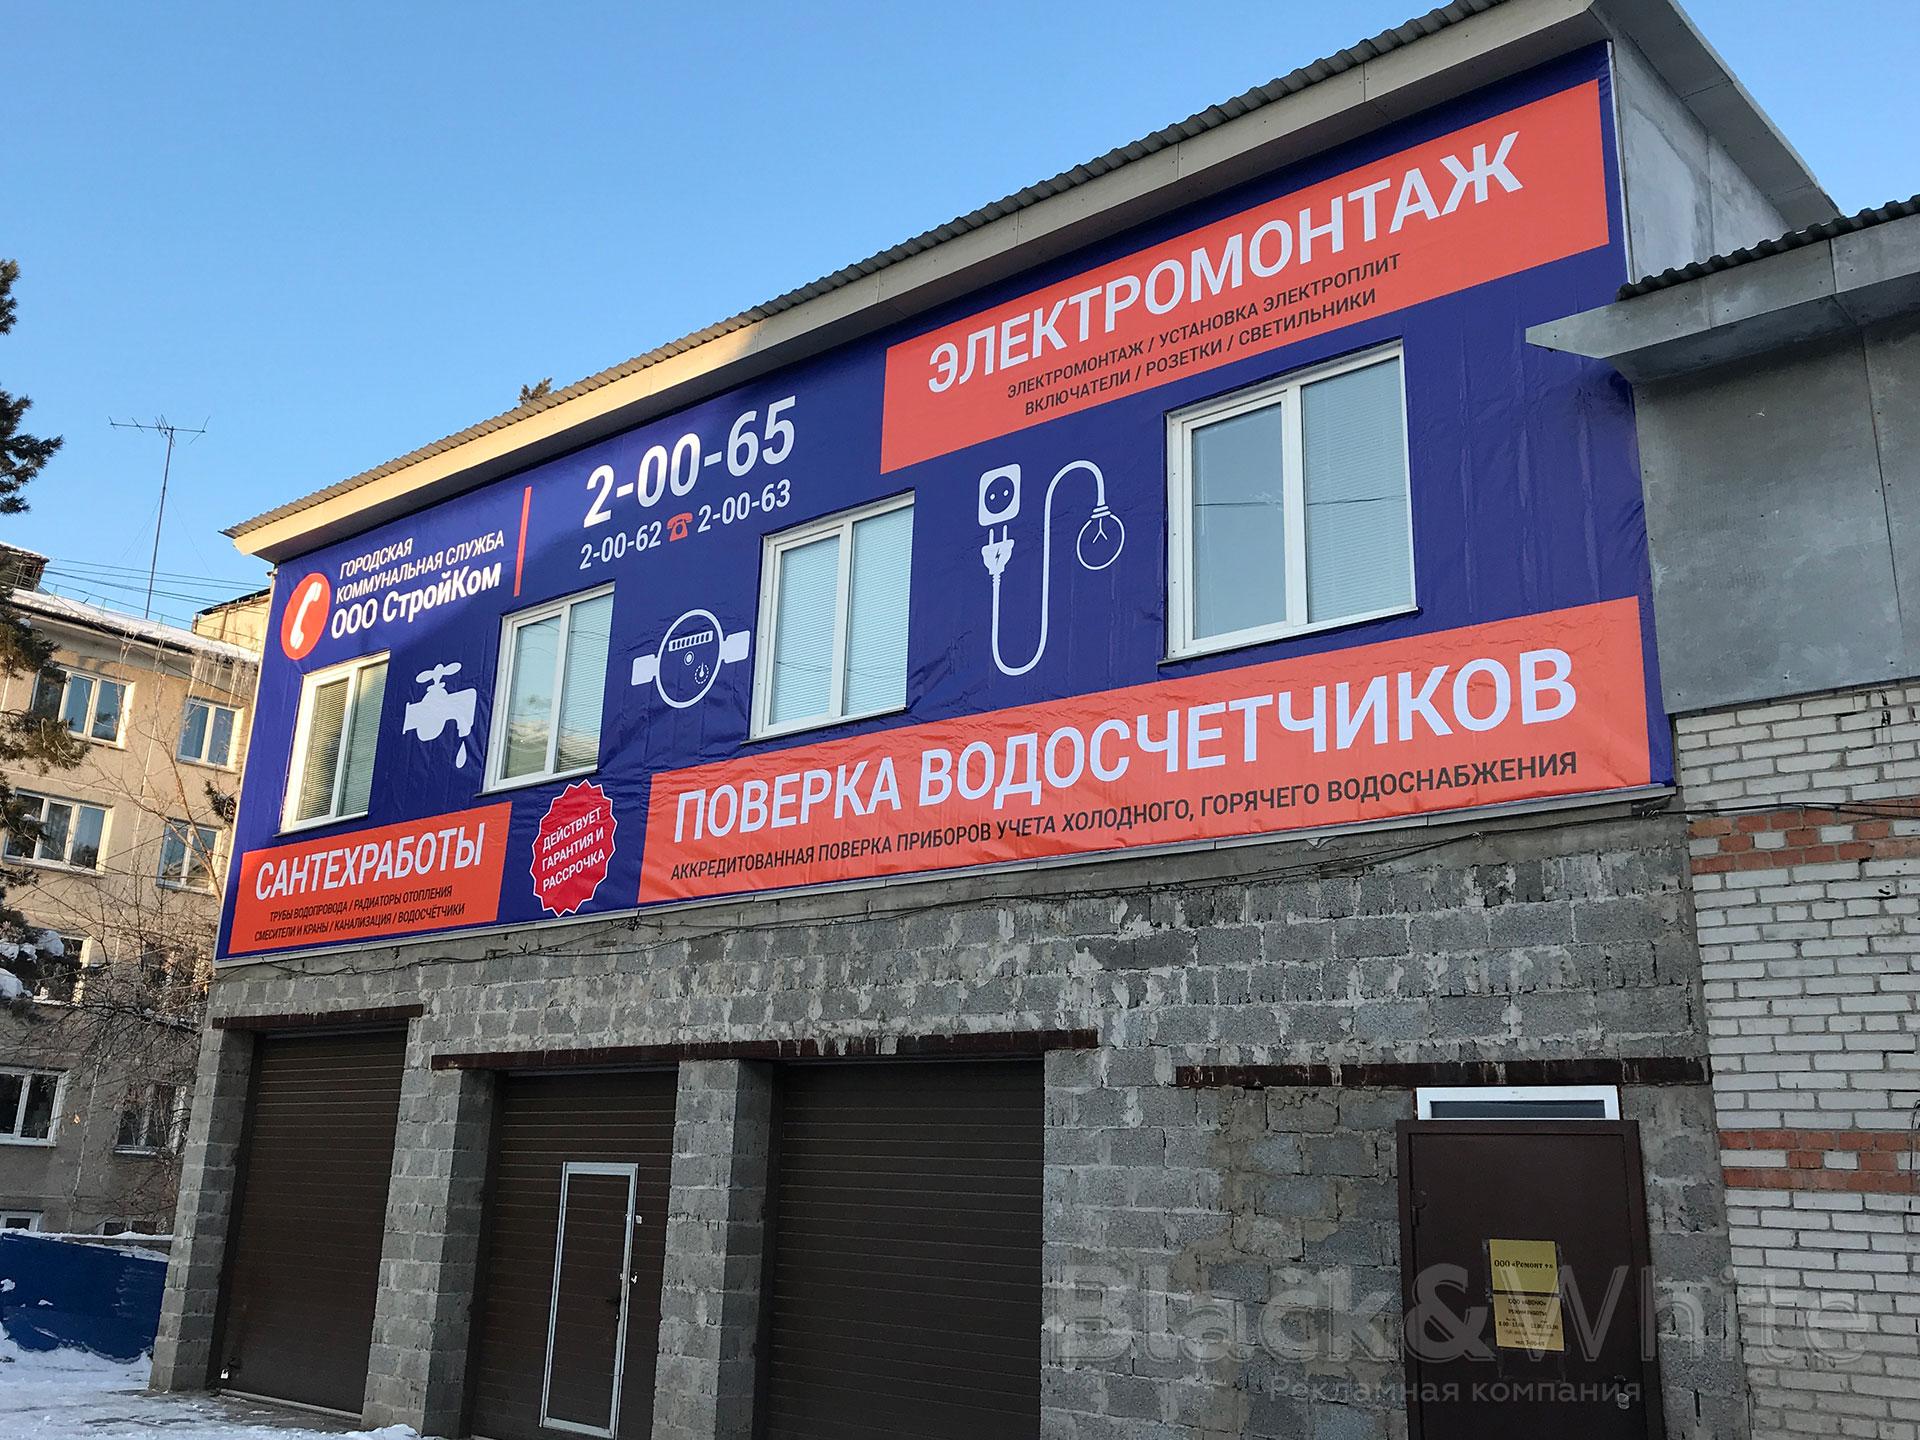 Печать-на-баннере-в-Красноярске-BWkras.jpg